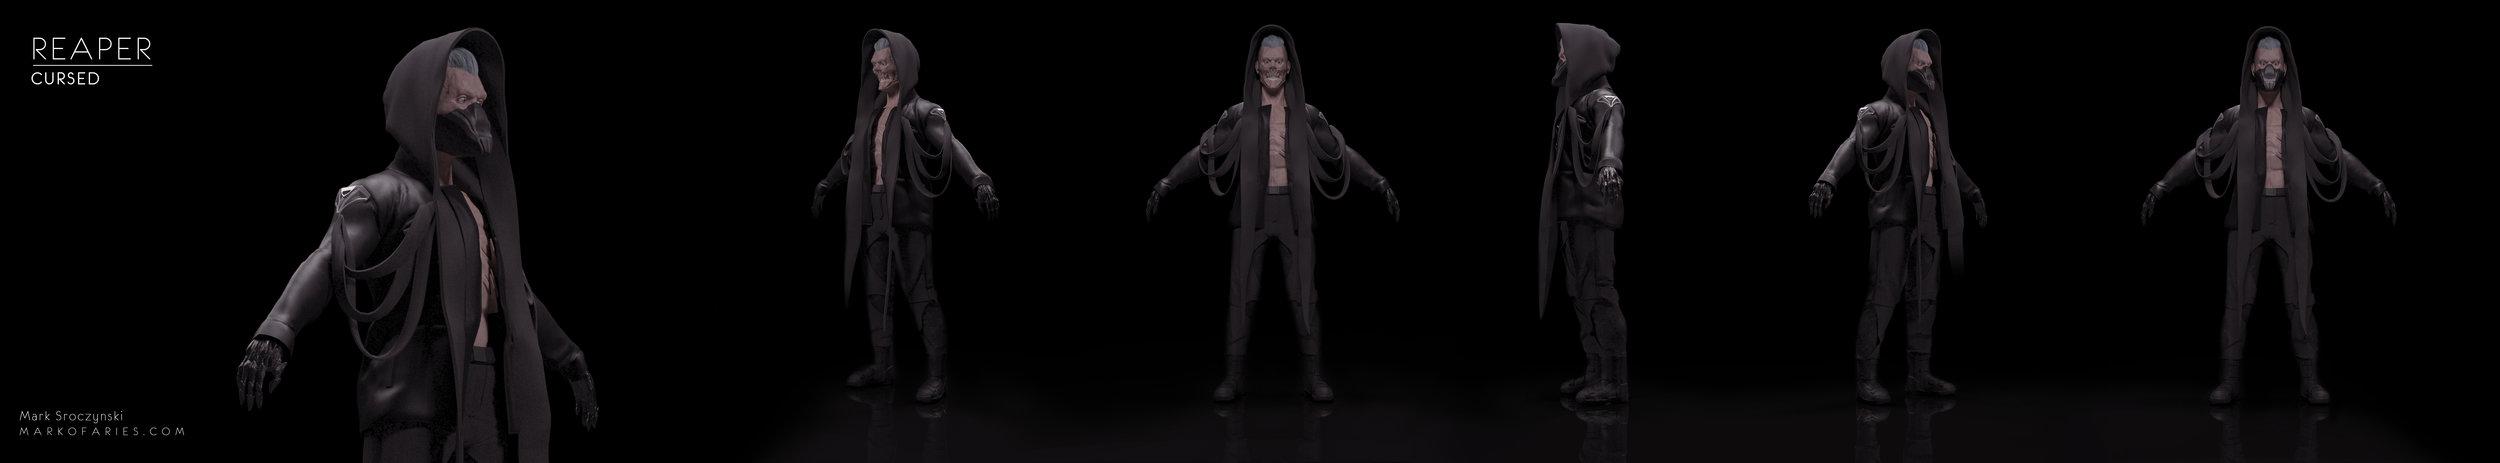 Reaper black